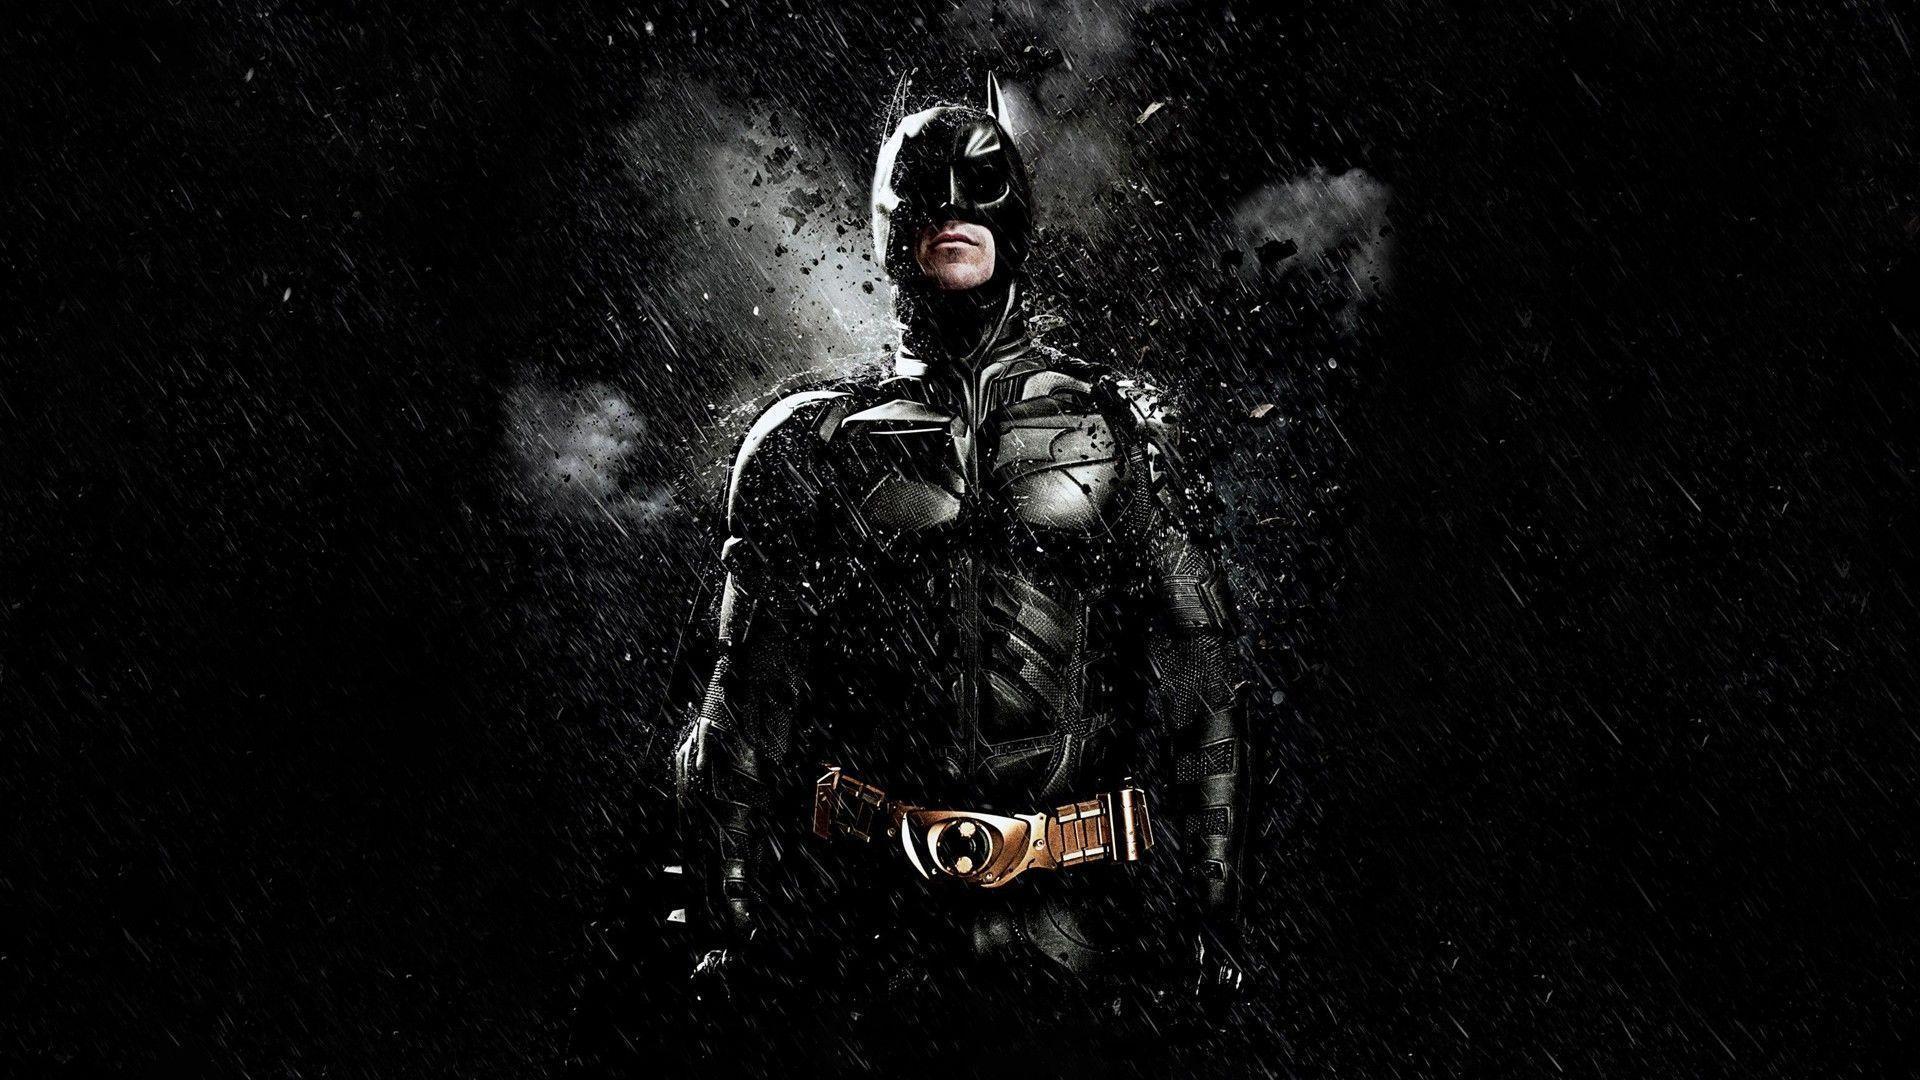 <b>dark knight</b> rises <b>wallpaper</b> 8/20 | movie <b>hd backgrounds</b>